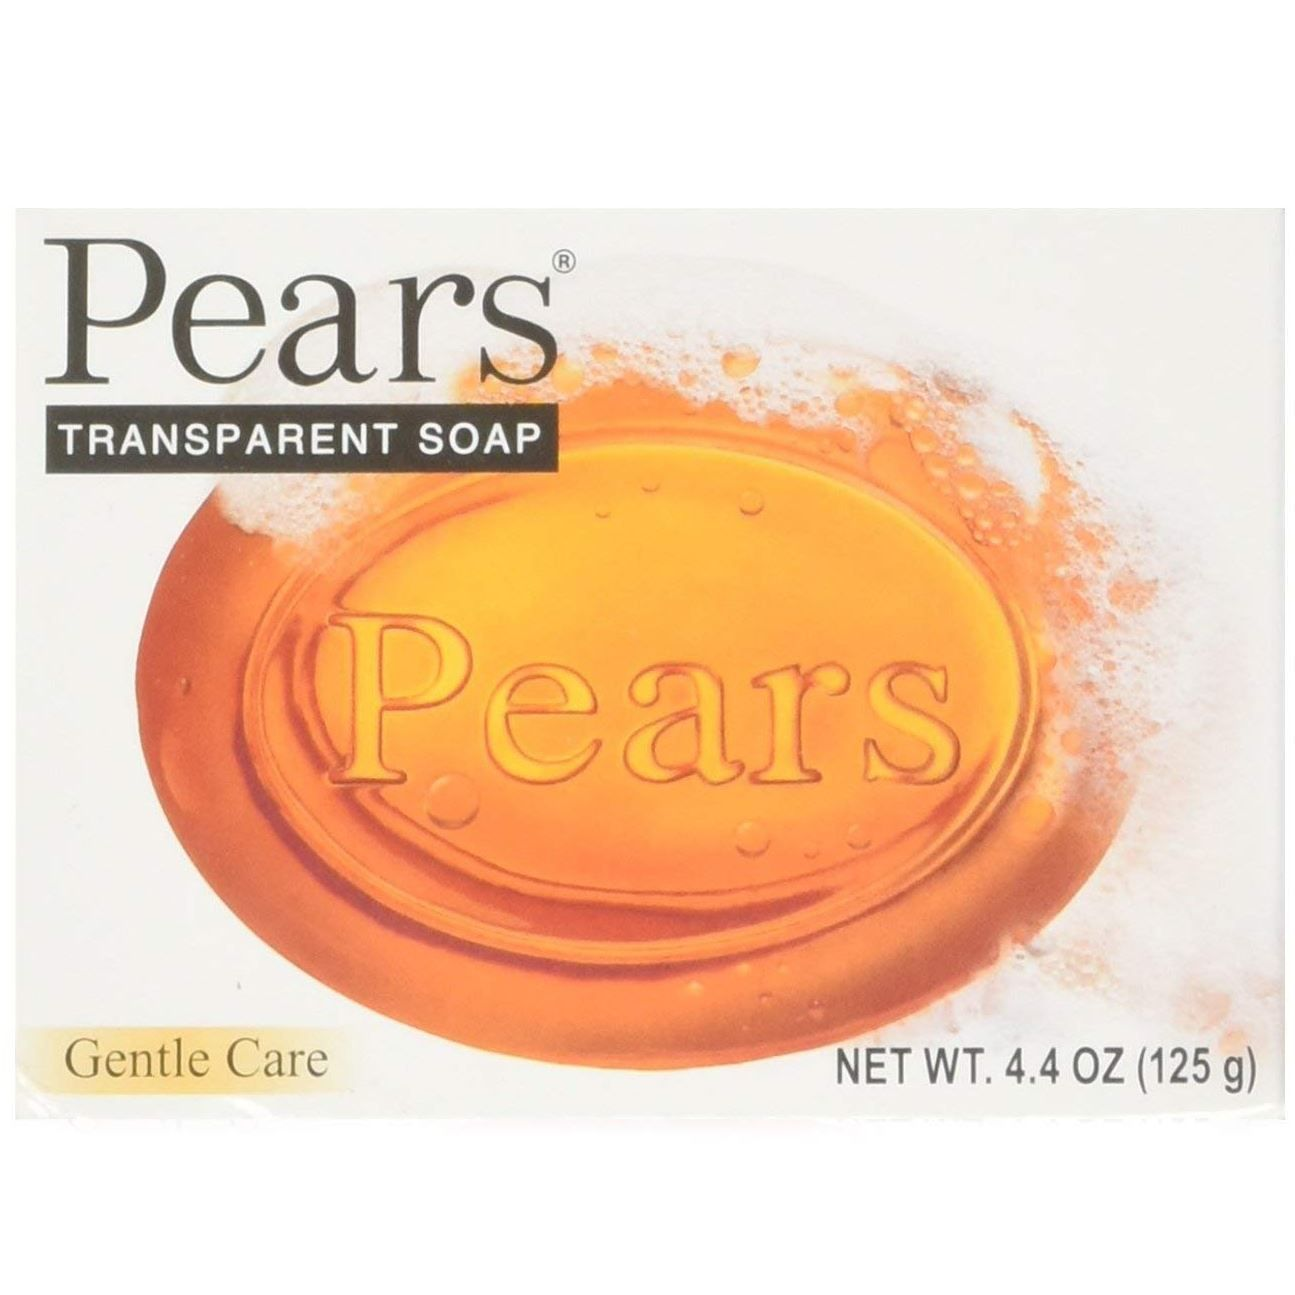 The Original Transparent Soap